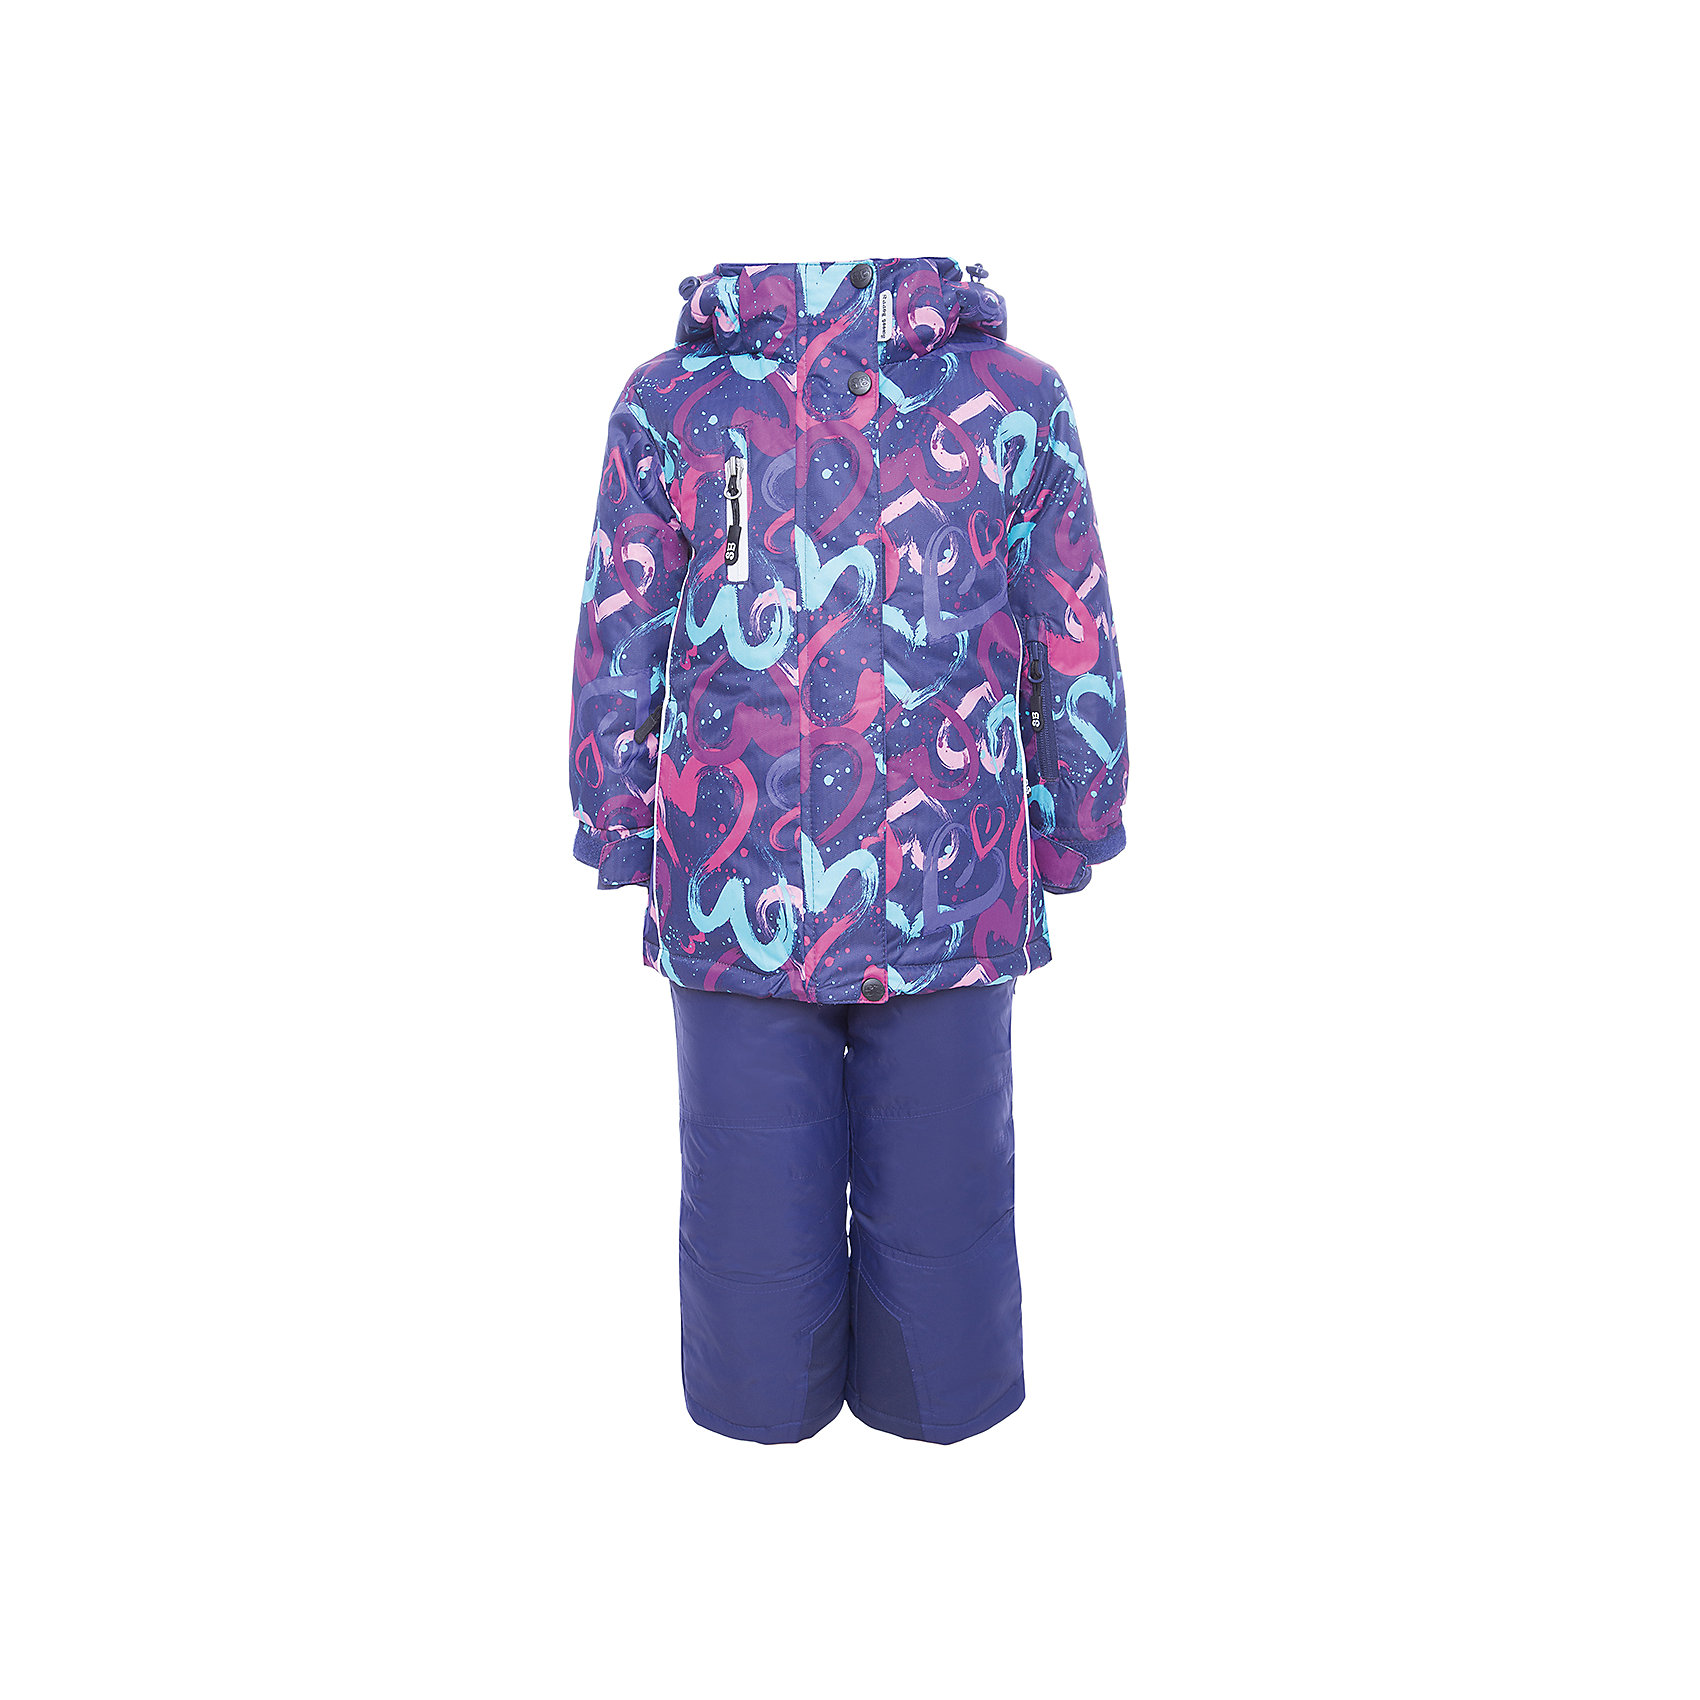 Комплект: куртка и полукомбинезон Sweet Berry для девочкиКомплекты<br>Комплект: куртка и полукомбинезон Sweet Berry для девочки<br>Комфортный и теплый костюм  для девочки из мембранной ткани. В конструкции учтены физиологические особенности малыша. Съемный капюшон на молниях с дополнительной утяжкой, спереди установлены две кнопки.  Рукава с манжетами, регулируются липучкой. На куртке два кармана, застегивающиеся на молнию. Застежка-молния с внешней ветрозащитной планкой. Брюки на регулируемых подтяжках гарантируют посадку по фигуре.  Колени, задняя поверхность бедер и низ брюк дополнительно усилены сверхпрочным материалом. Силиконовые отстегивающиеся штрипки на брючинах. Ткань верха: мембрана 5000мм/5000г/м2/24h, waterproof, водонепроницаемая с грязеотталкивающей пропиткой.<br>Пoдкладка: флис<br>Утеплитель: синтетический утеплитель 220 г/м? (куртка),<br>180 г/м? (рукава, п/комбинезон). Температурный режим: от -35 до +5 С<br>Состав:<br>Верх: куртка: 100%полиэстер, полукомбинезон:  100%нейлон.  Подкладка: 100%полиэстер. Наполнитель: 100%полиэстер<br><br>Ширина мм: 356<br>Глубина мм: 10<br>Высота мм: 245<br>Вес г: 519<br>Цвет: лиловый<br>Возраст от месяцев: 96<br>Возраст до месяцев: 108<br>Пол: Женский<br>Возраст: Детский<br>Размер: 110,116,122,128,134,92,98,104<br>SKU: 7094143